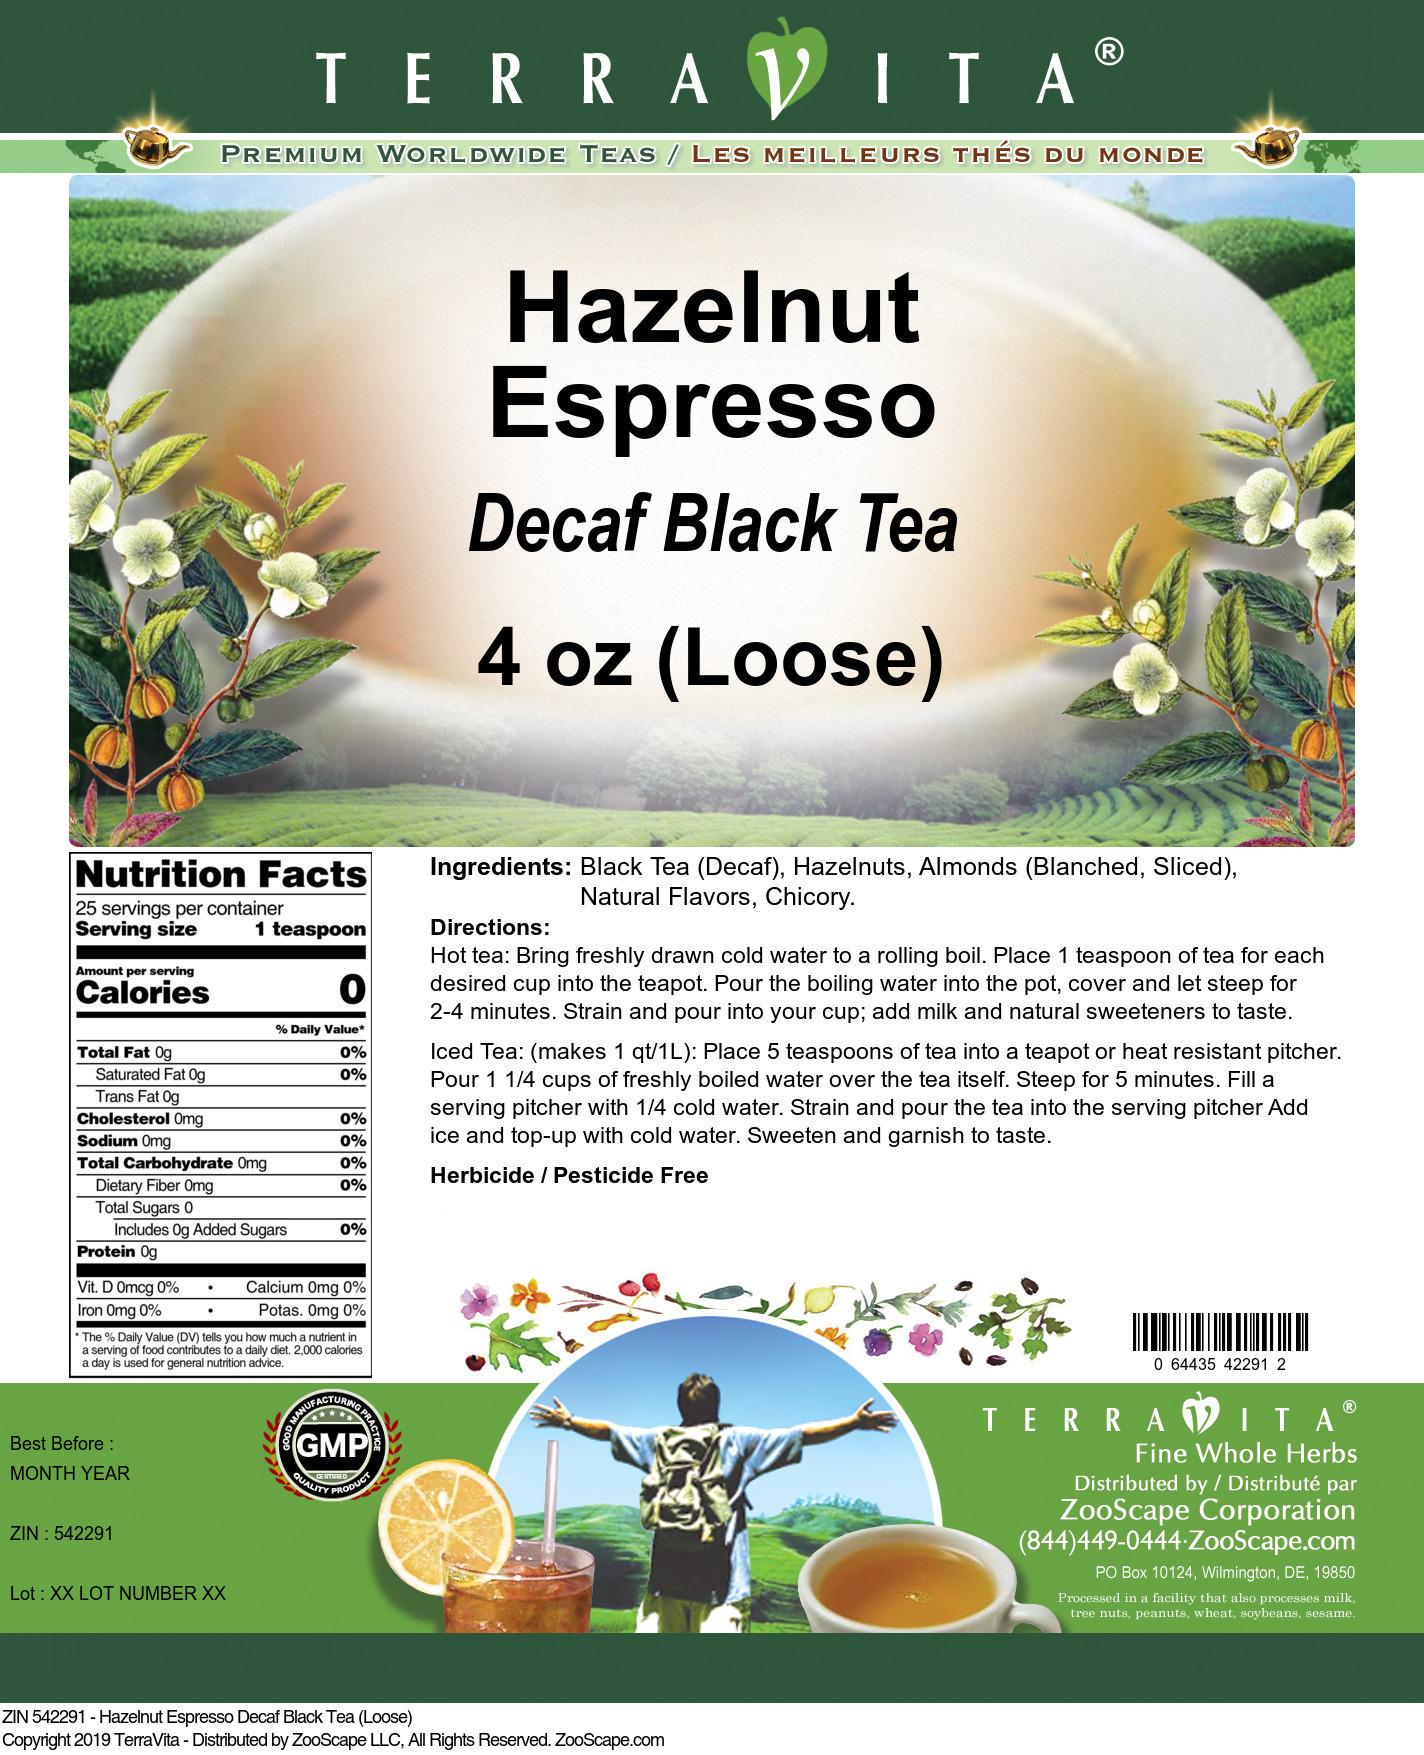 Hazelnut Espresso Decaf Black Tea (Loose)